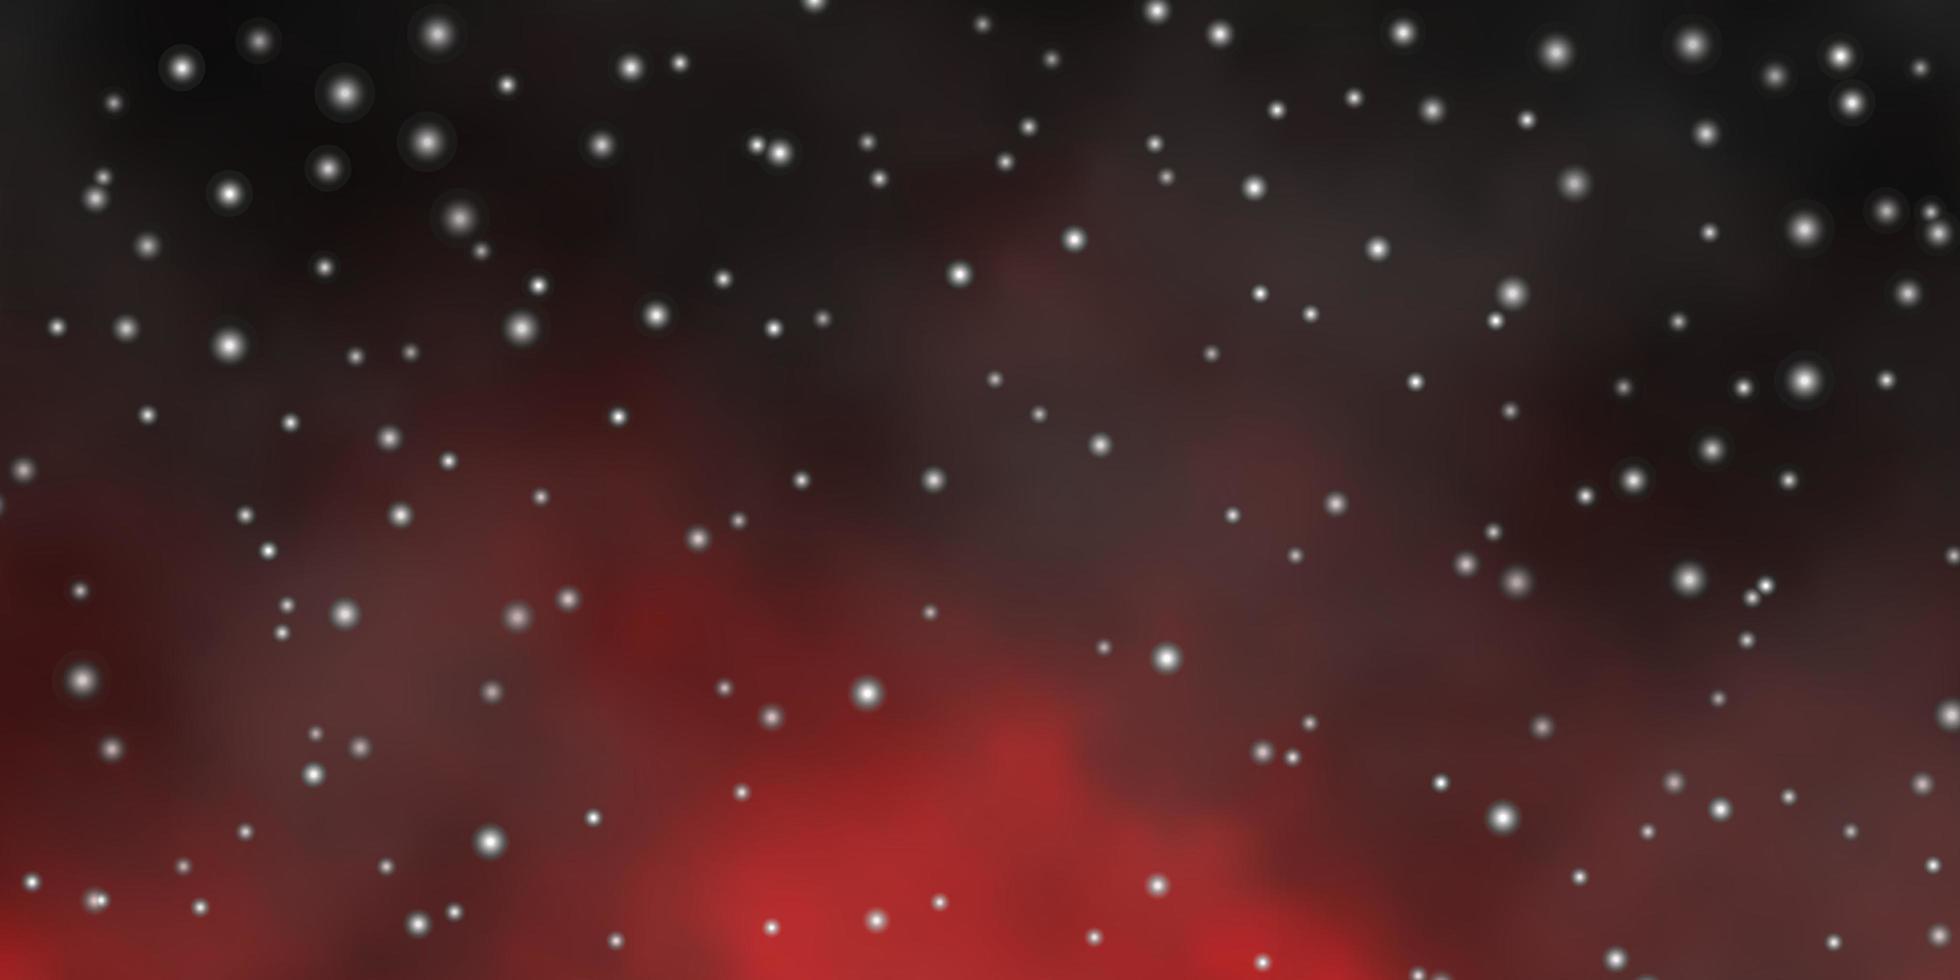 diseño marrón oscuro con estrellas brillantes. vector